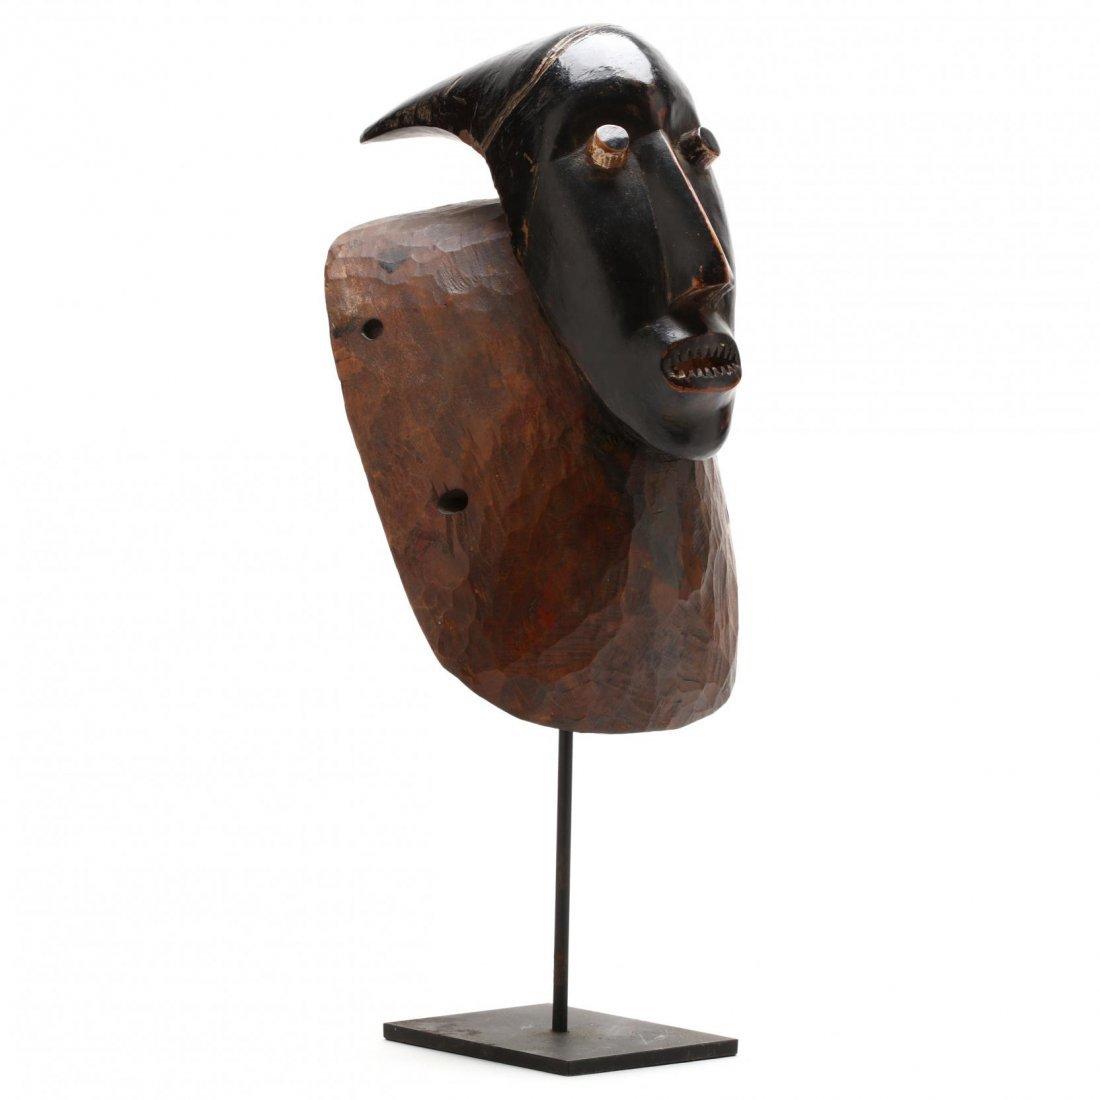 Congo, Horned Portrait Mask